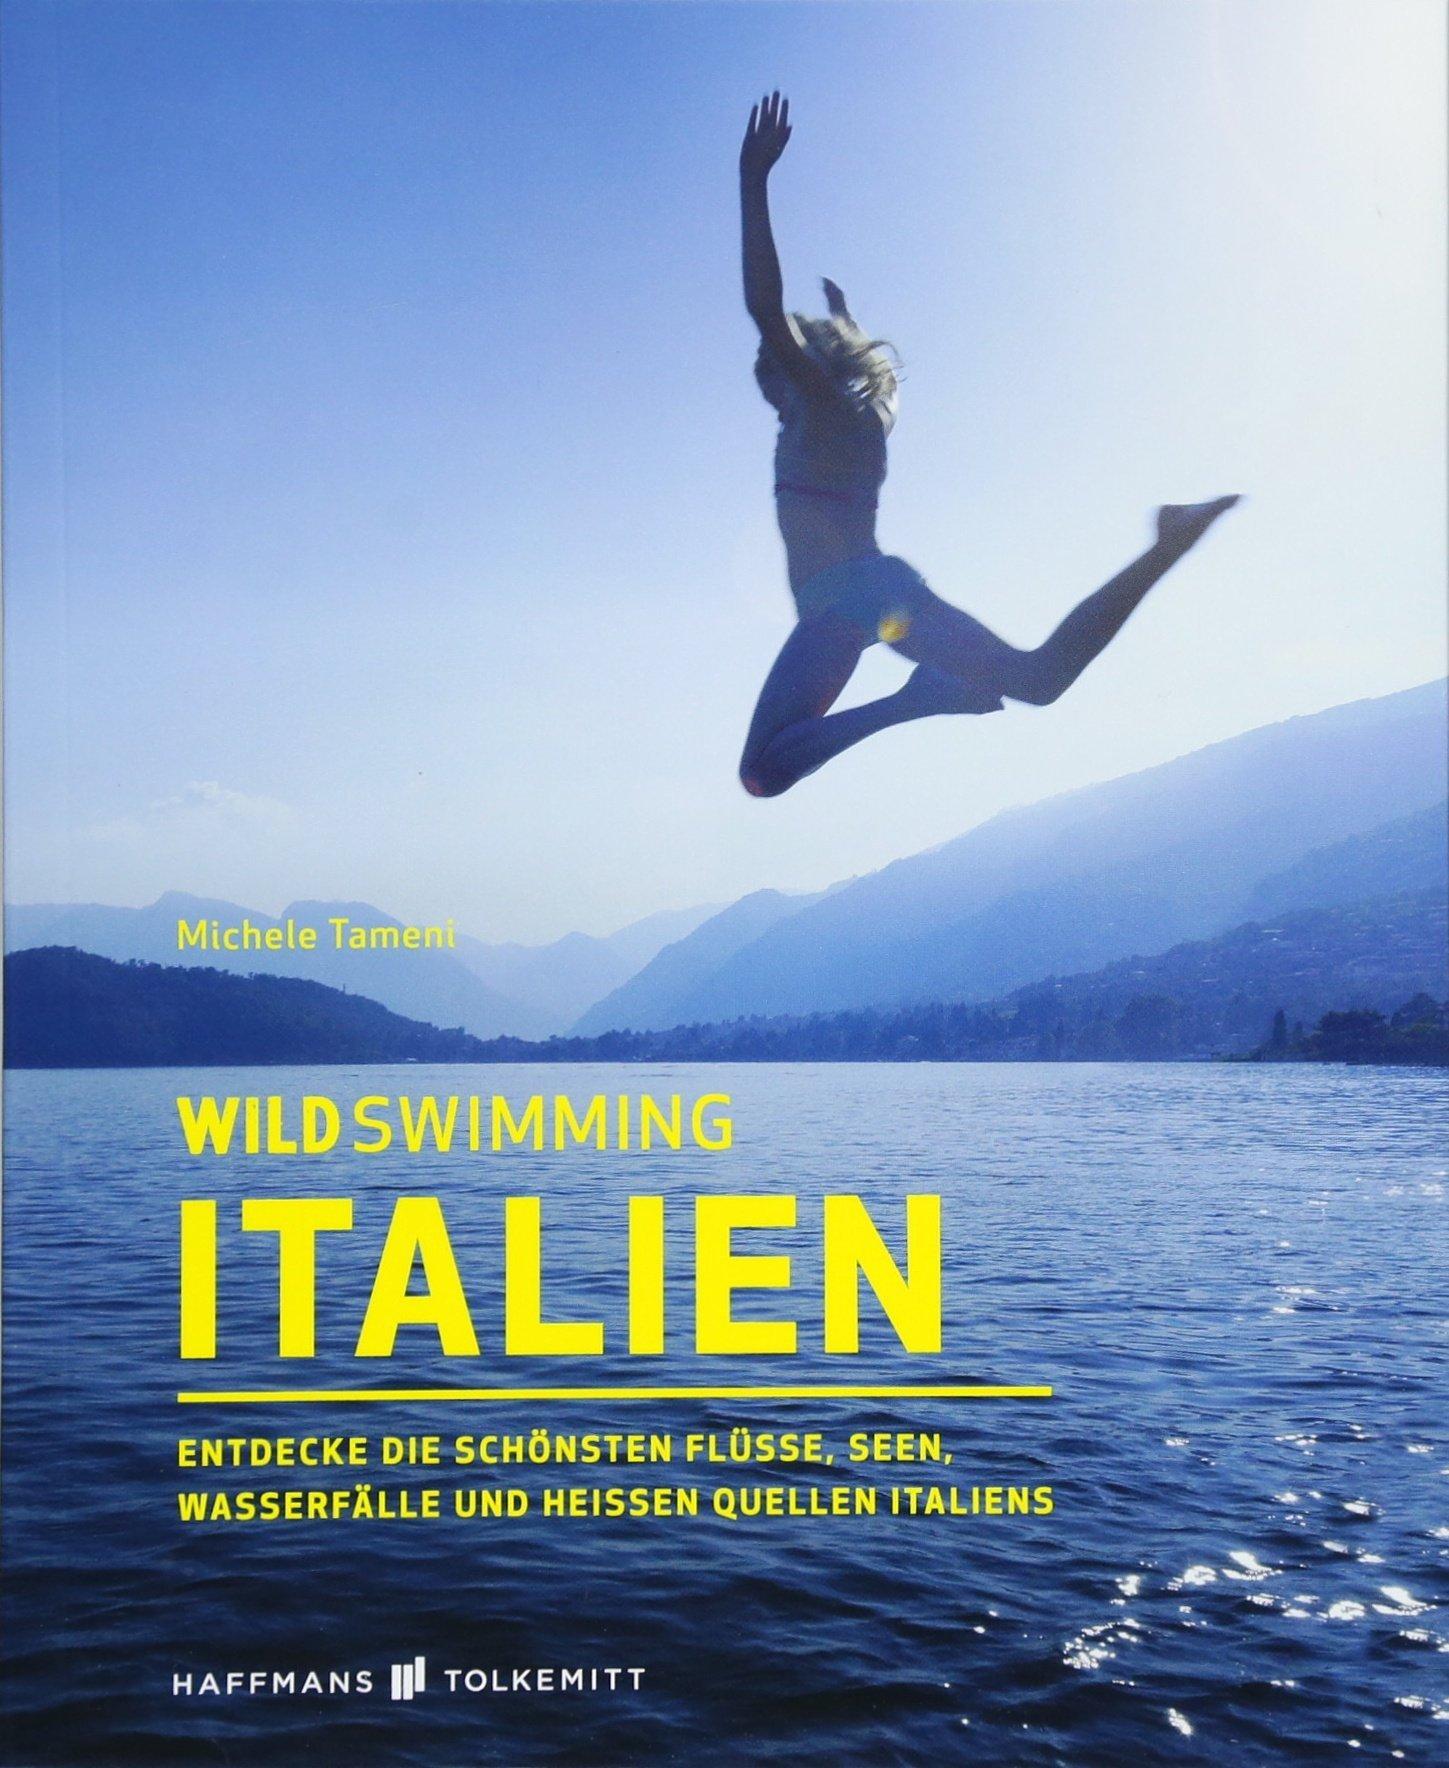 wild-swimming-italien-entdecke-die-schnsten-flsse-seen-wasserflle-und-heissen-quellen-italiens-reisefhrer-italien